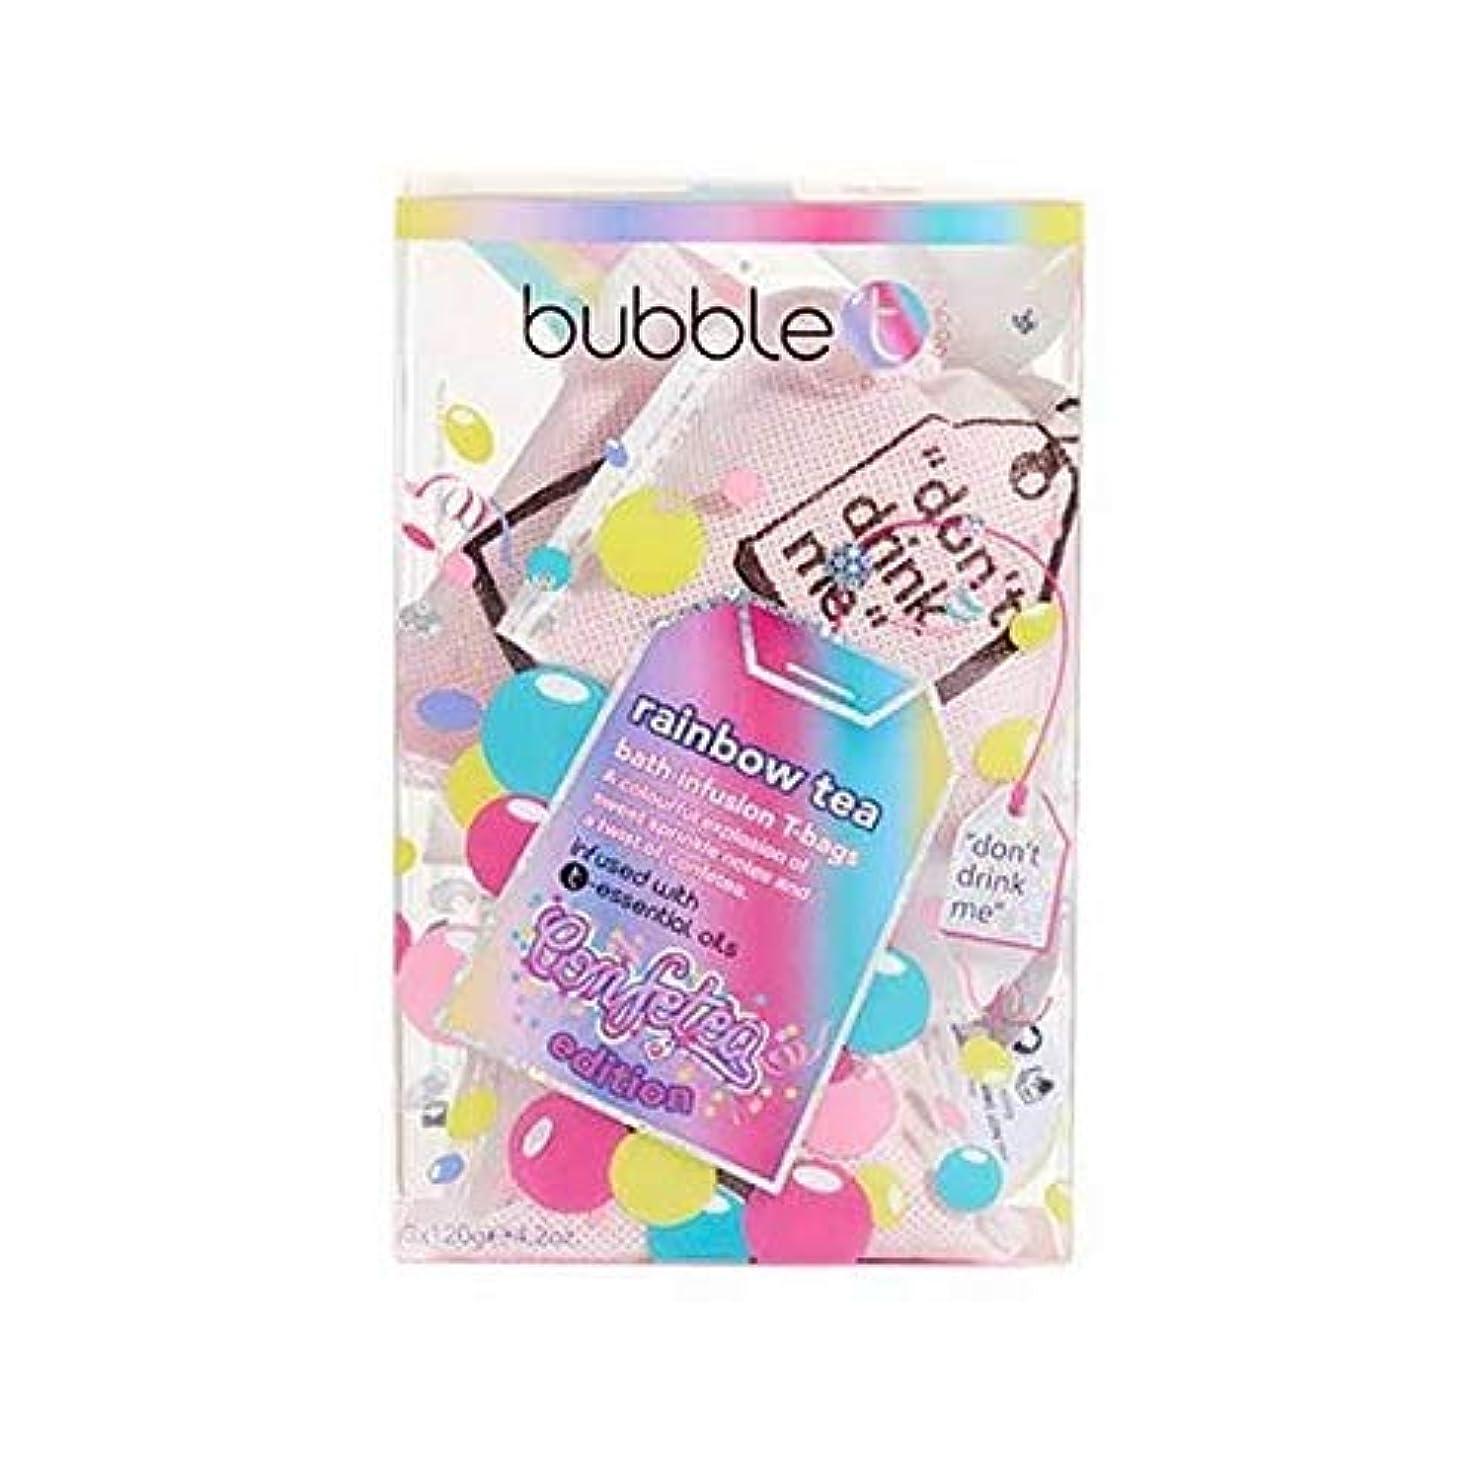 の間にアラブサラボのど[Bubble T ] バブルトンの化粧品 - 入浴輸液ティーバッグ虹のお茶 - Bubble T Cosmetics - Bath infusion tea bags Rainbow tea [並行輸入品]